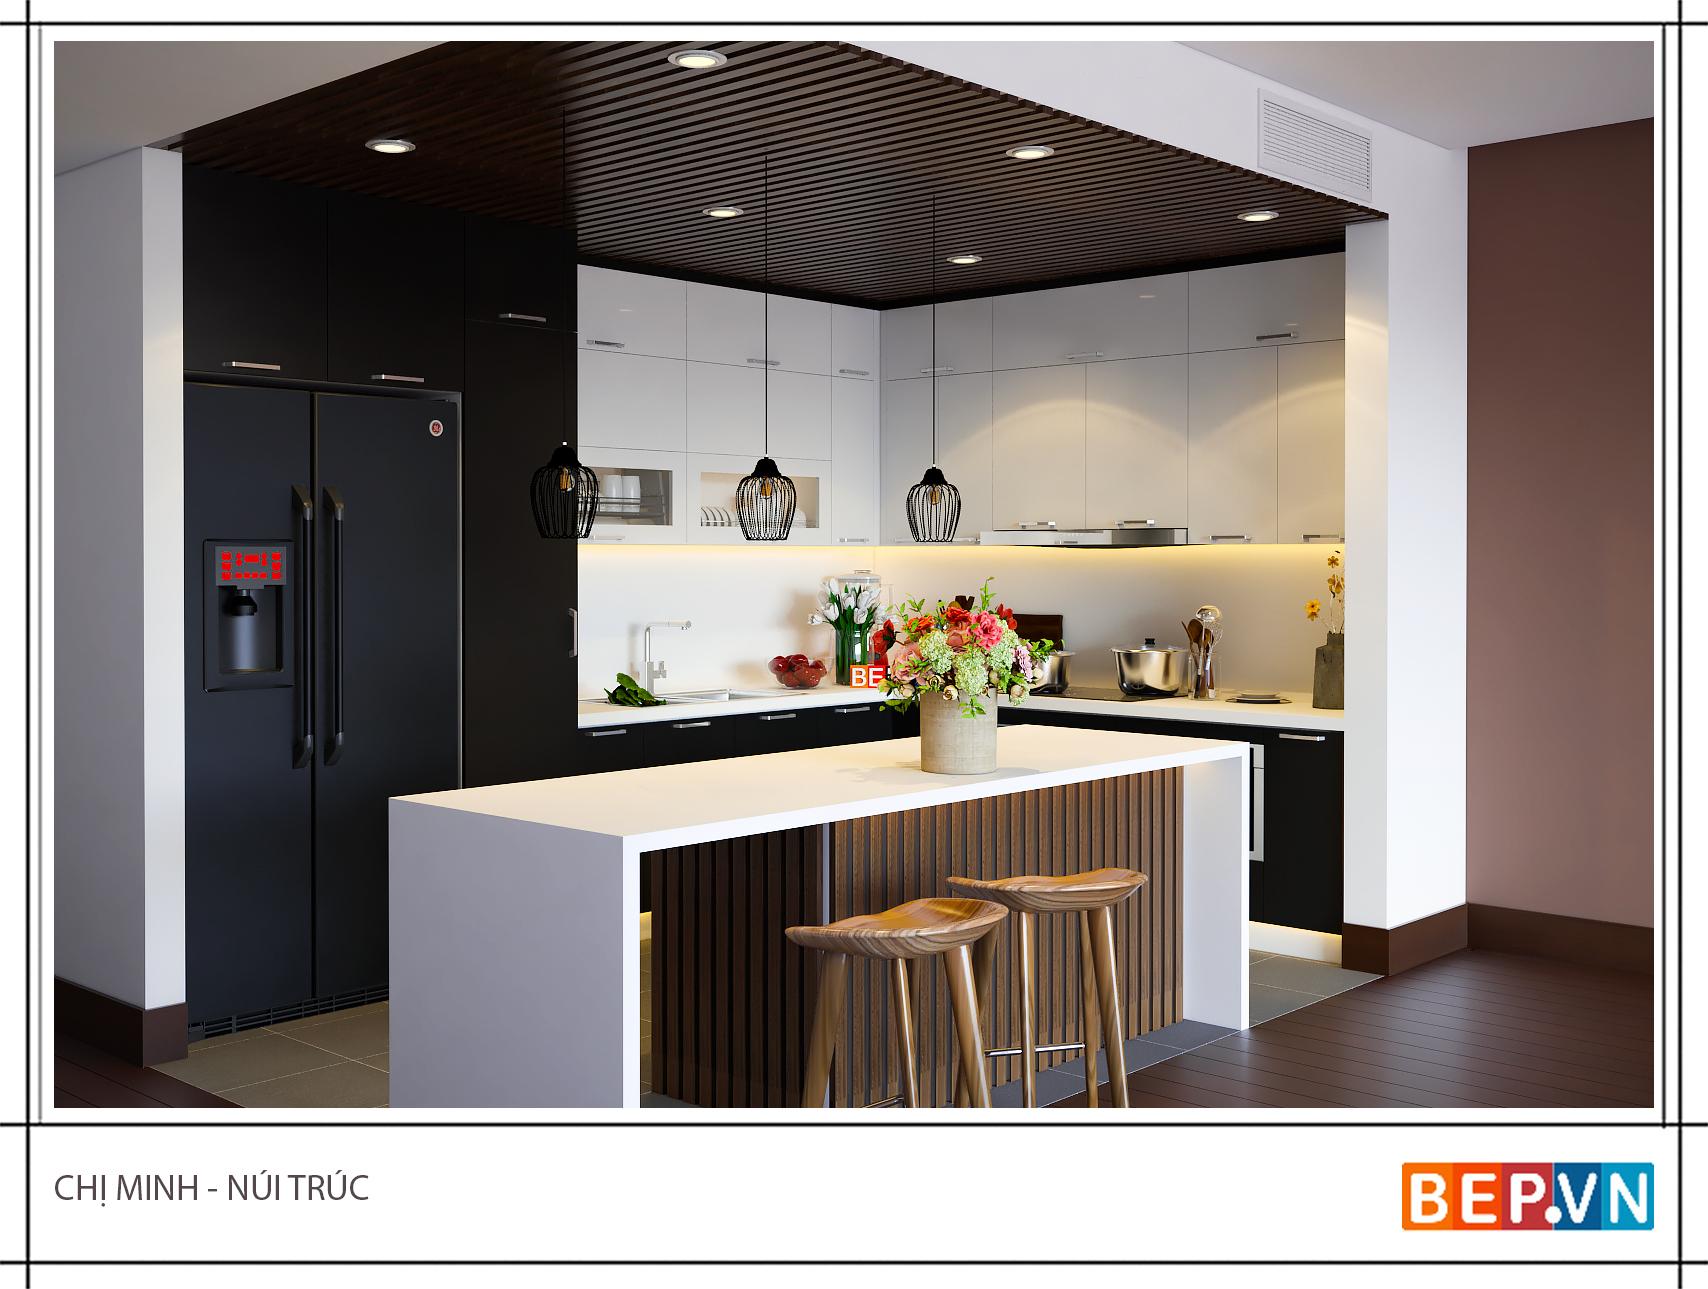 30 Xu hướng phòng bếp đẹp năm 2019 | Bep.vn - tủ bếp tiêu chuẩn EU